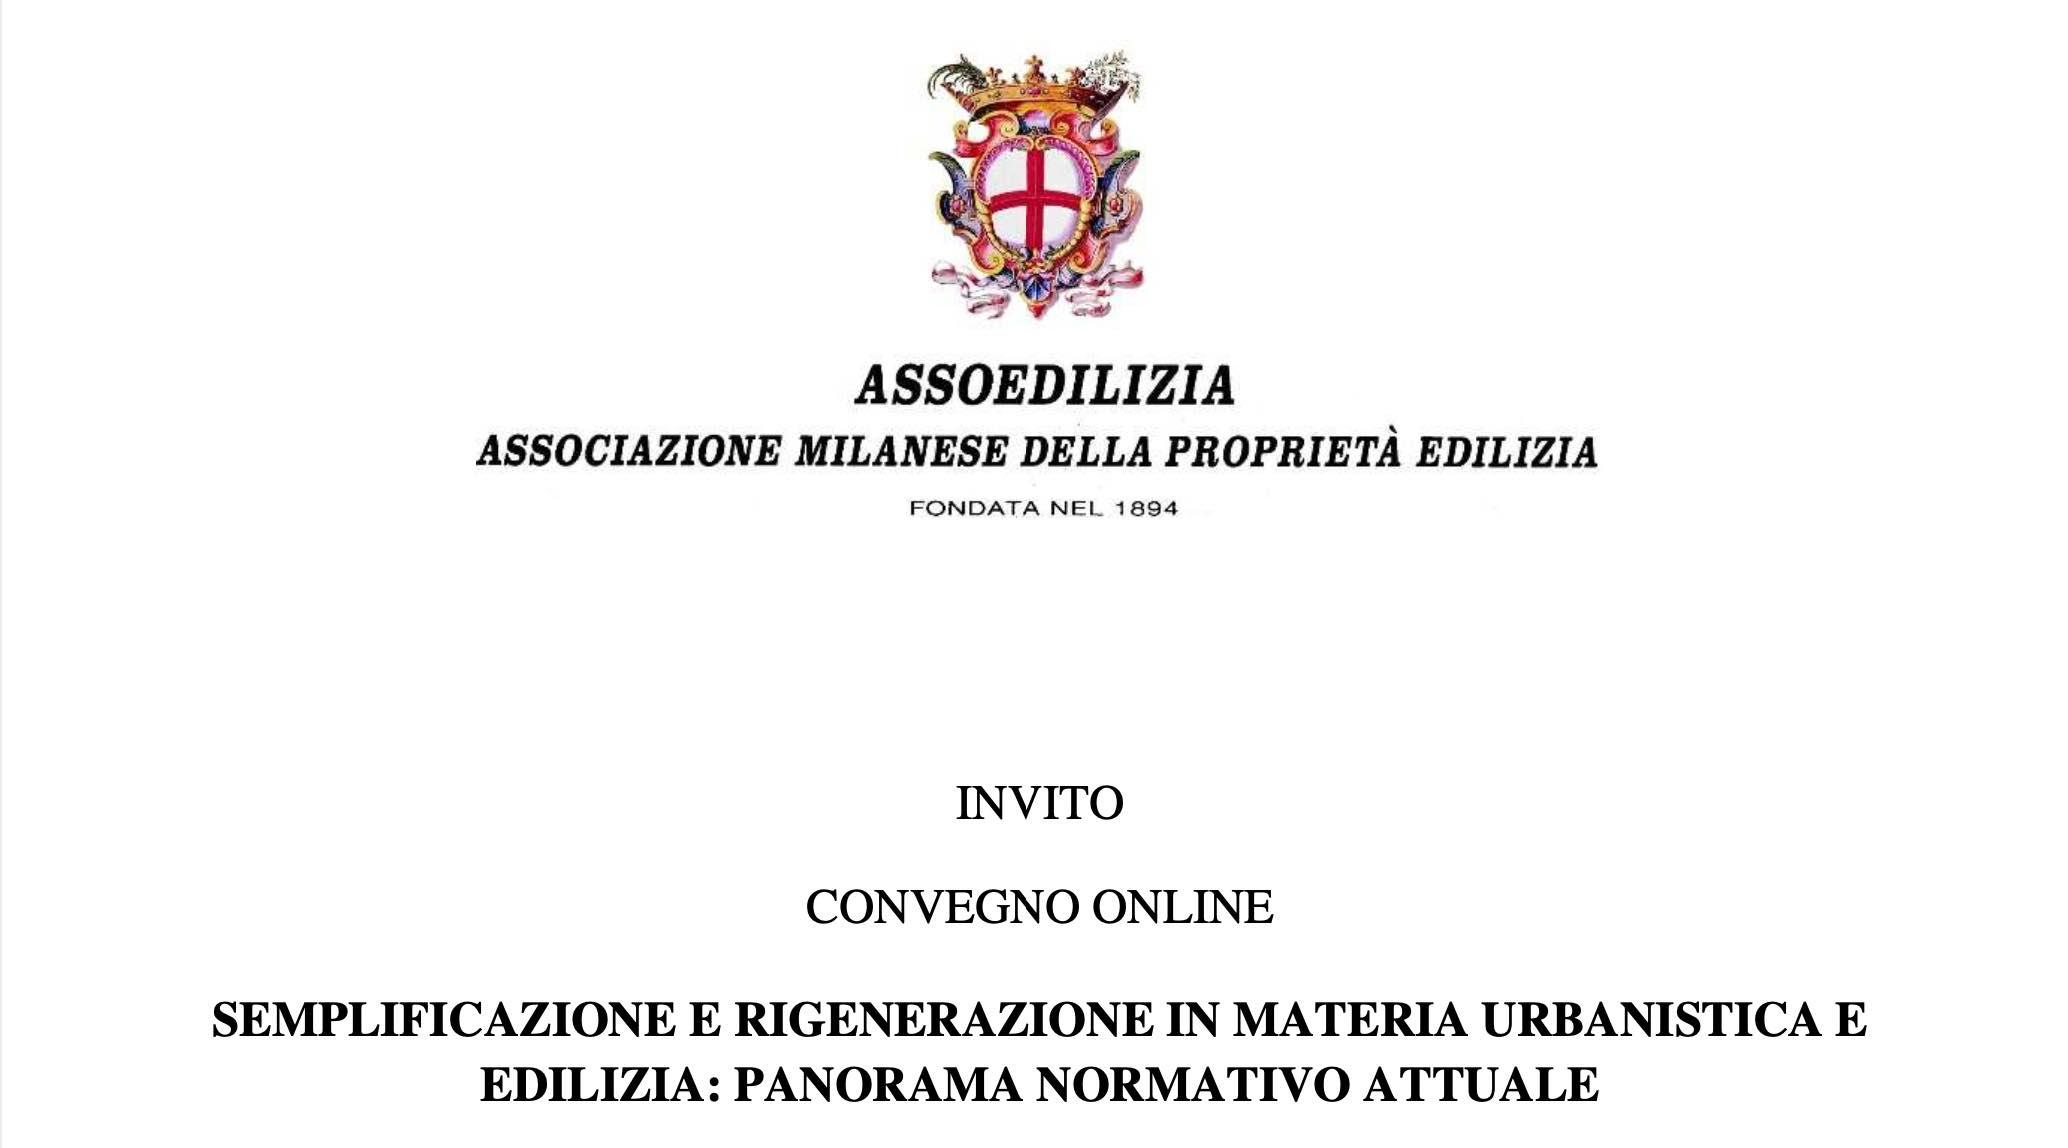 """WEBINAR ASSOEDILIZIA """"LE NOVITA' LEGISLATIVE IN MATERIA DI EDILIZIA E DI URBANISTICA"""""""